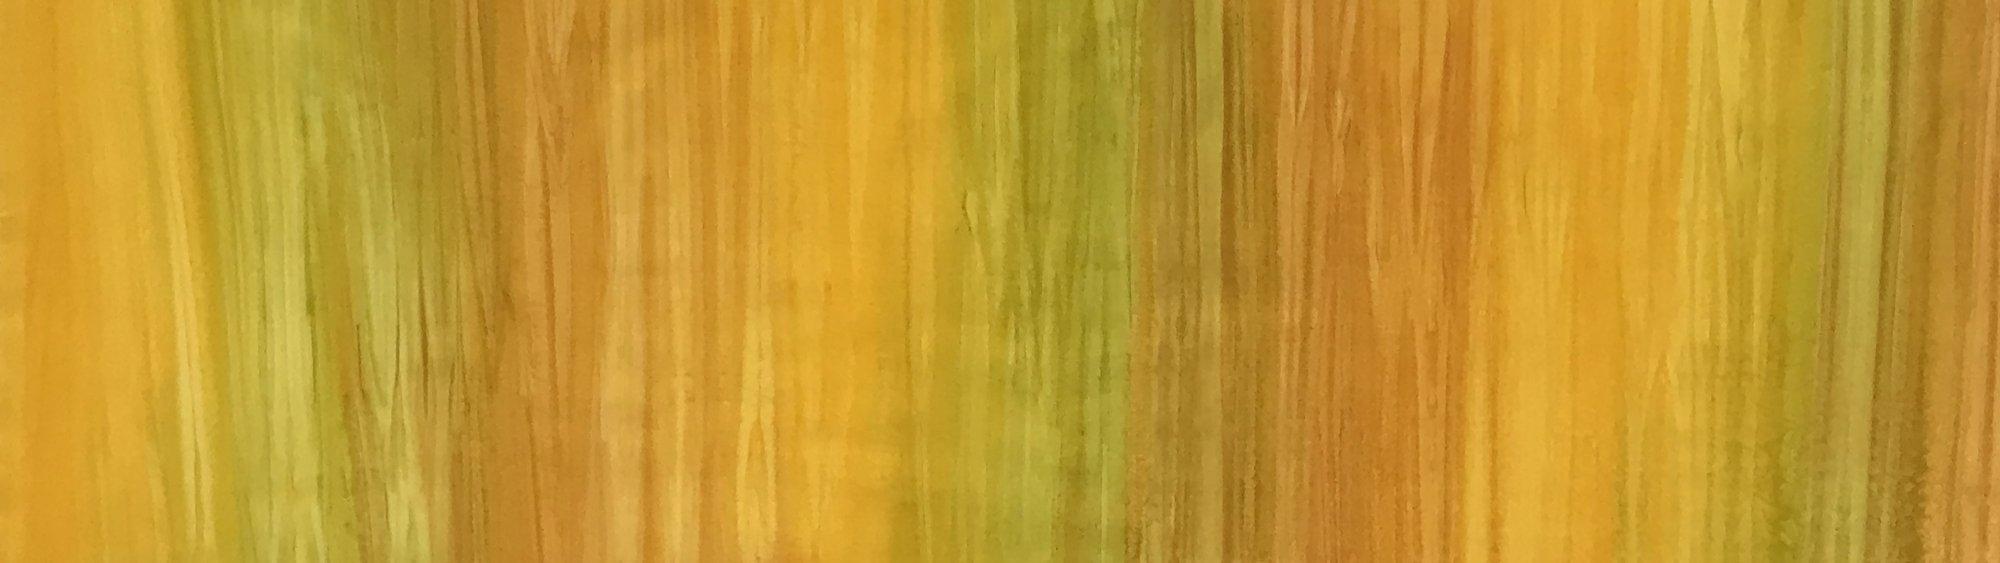 Batik Yellow Green Stripe